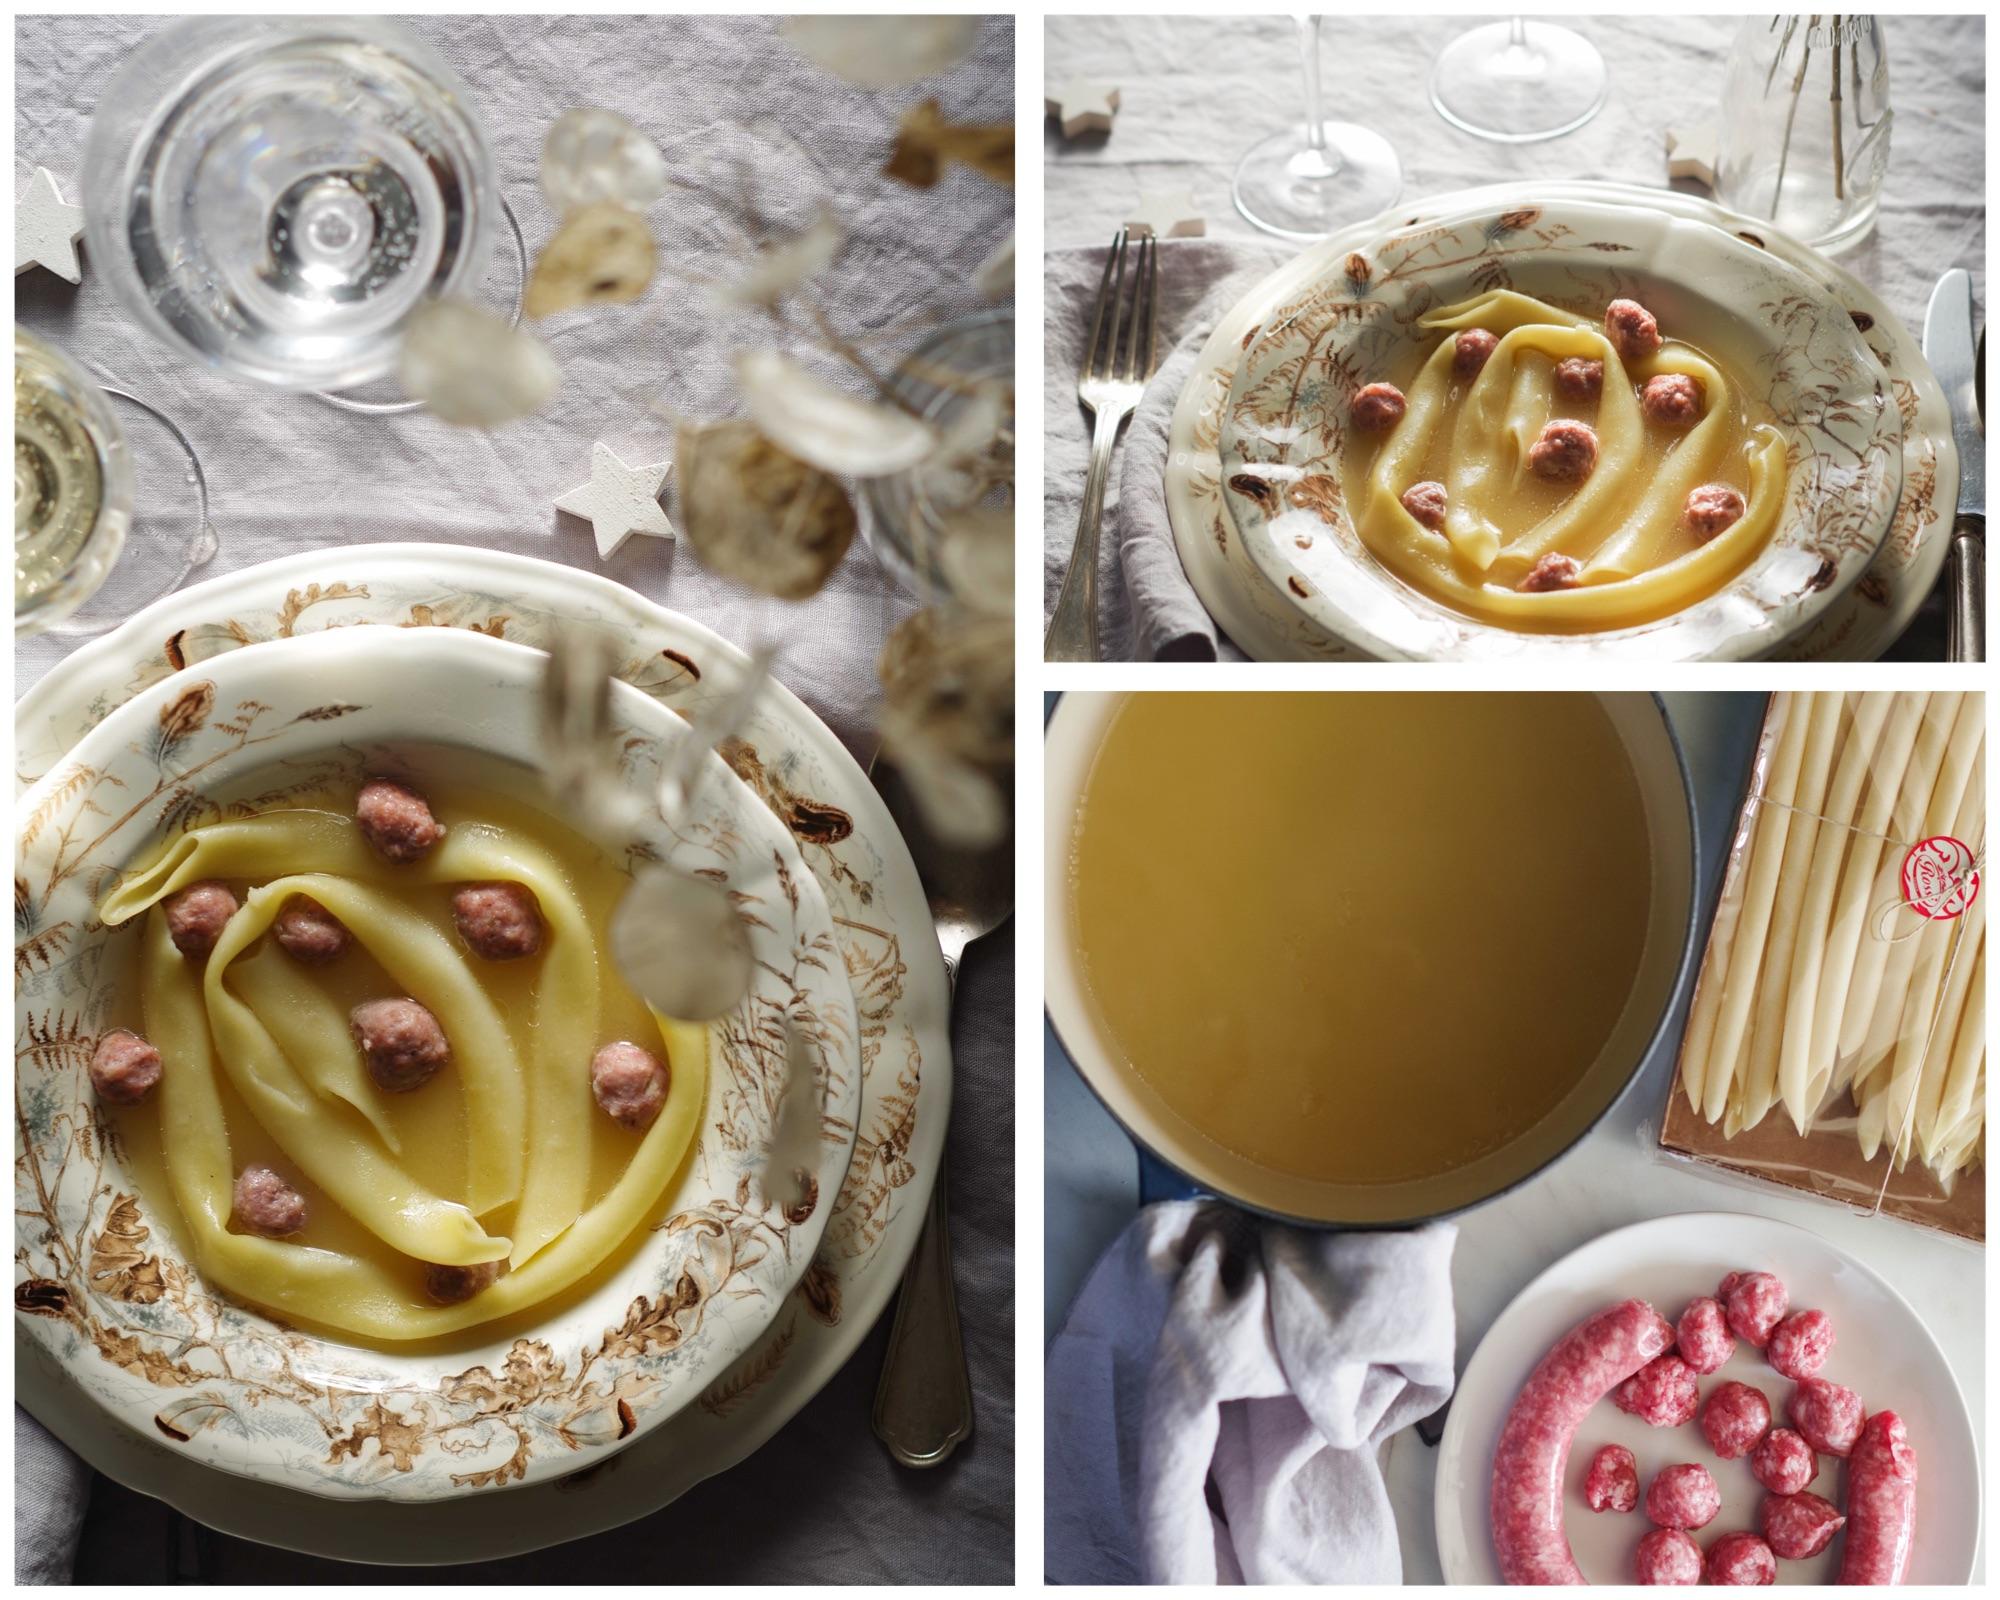 pranzo di Natale genovese: maccheroni in brodo